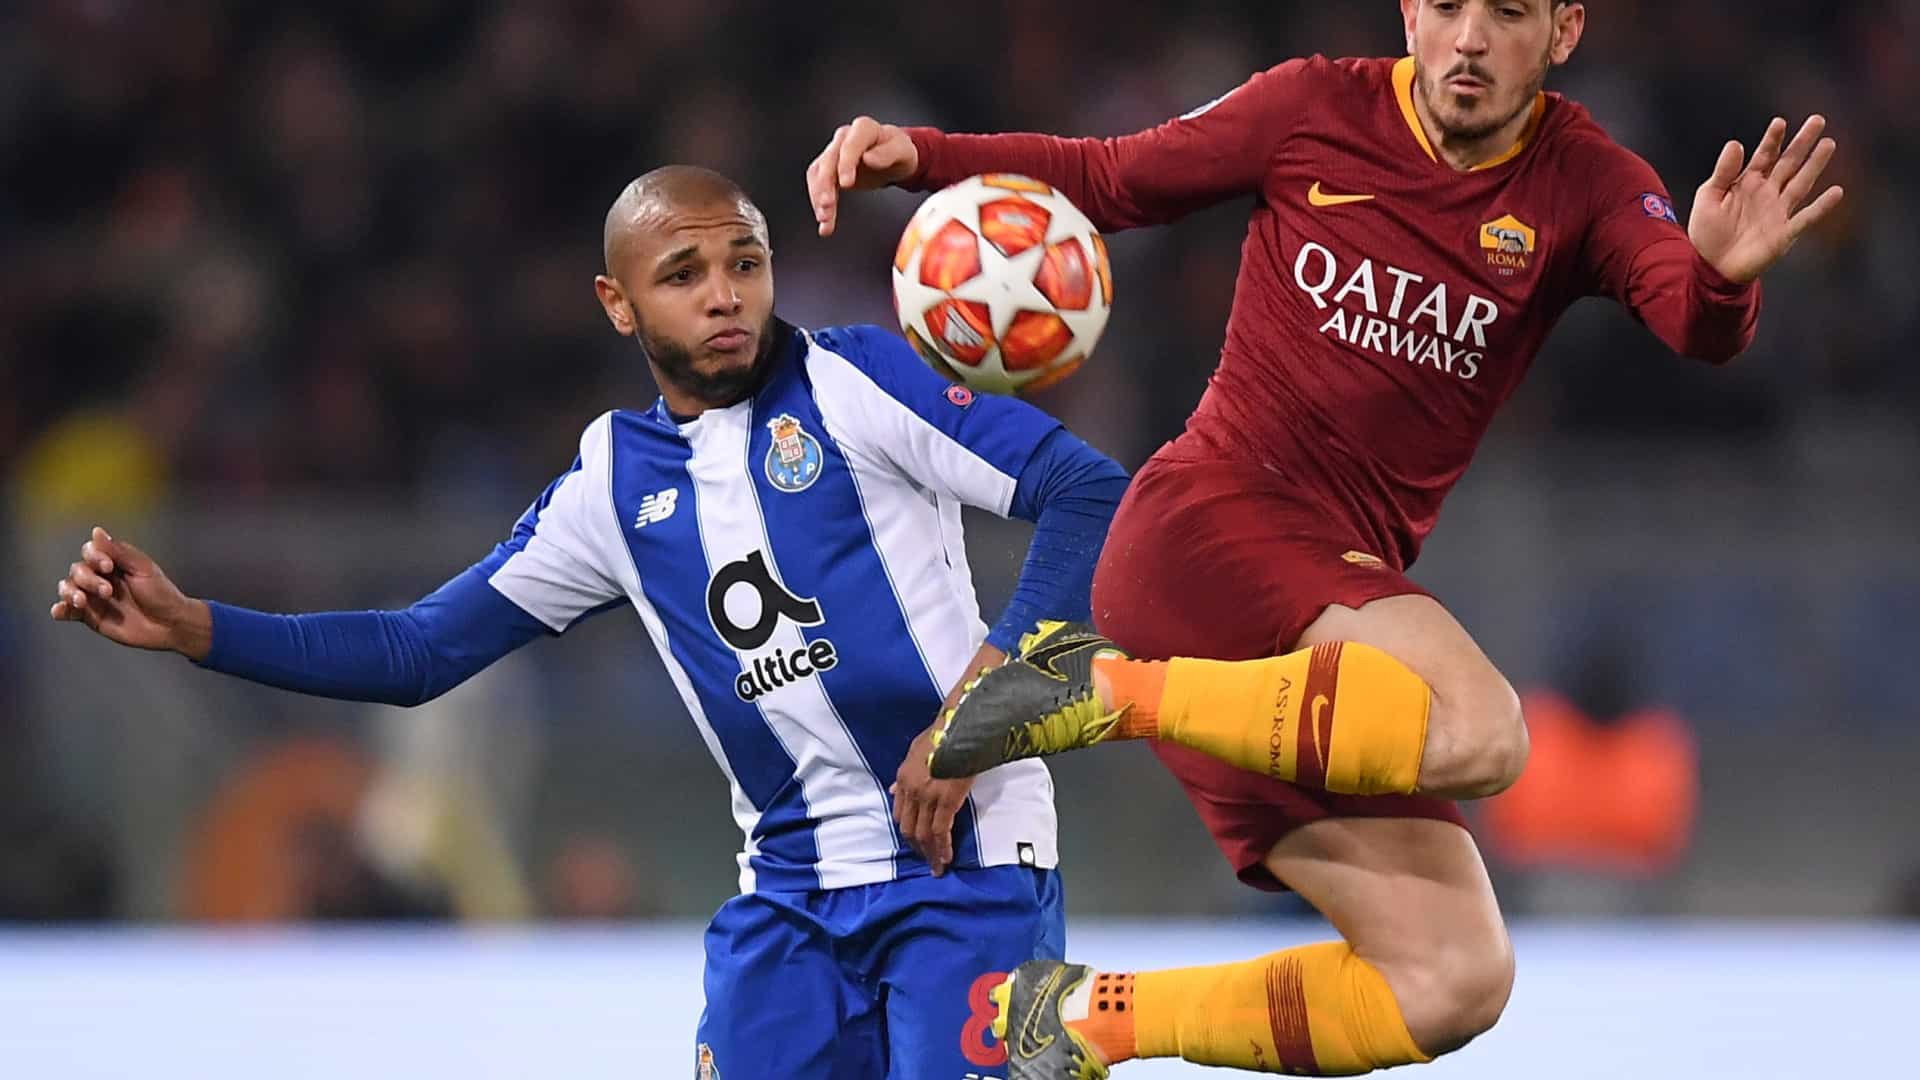 Brahimi fez tratamento e aumenta o lote de indisponíveis do FC Porto